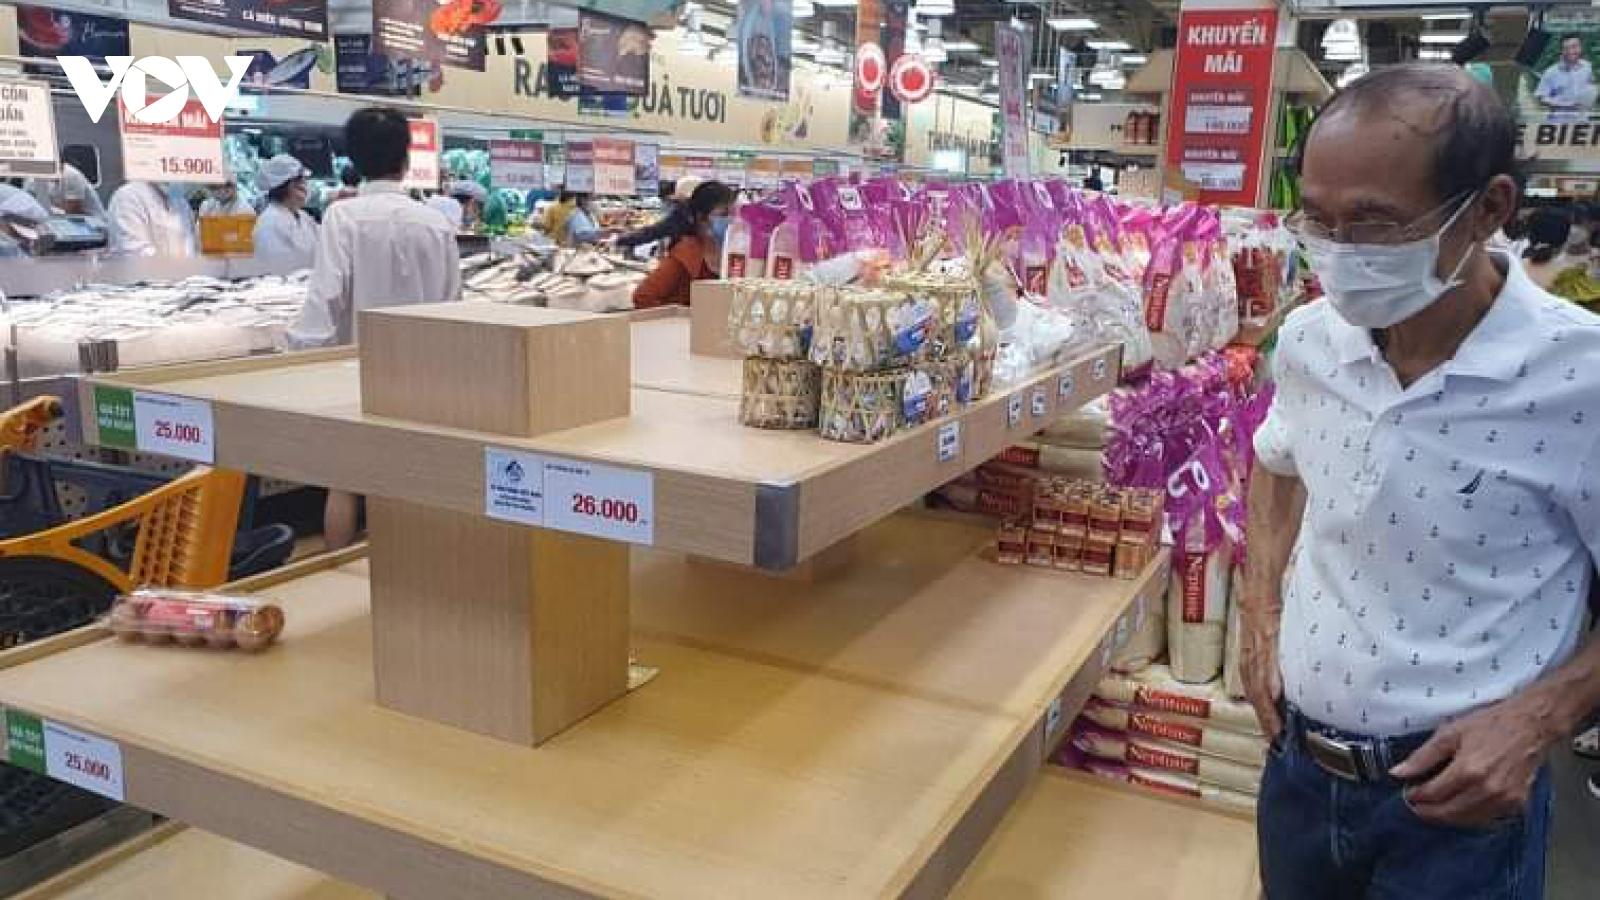 Mỗi khách hàng chỉ được mua 1-3 vỉ trứng gia cầm để tránh gom hàng